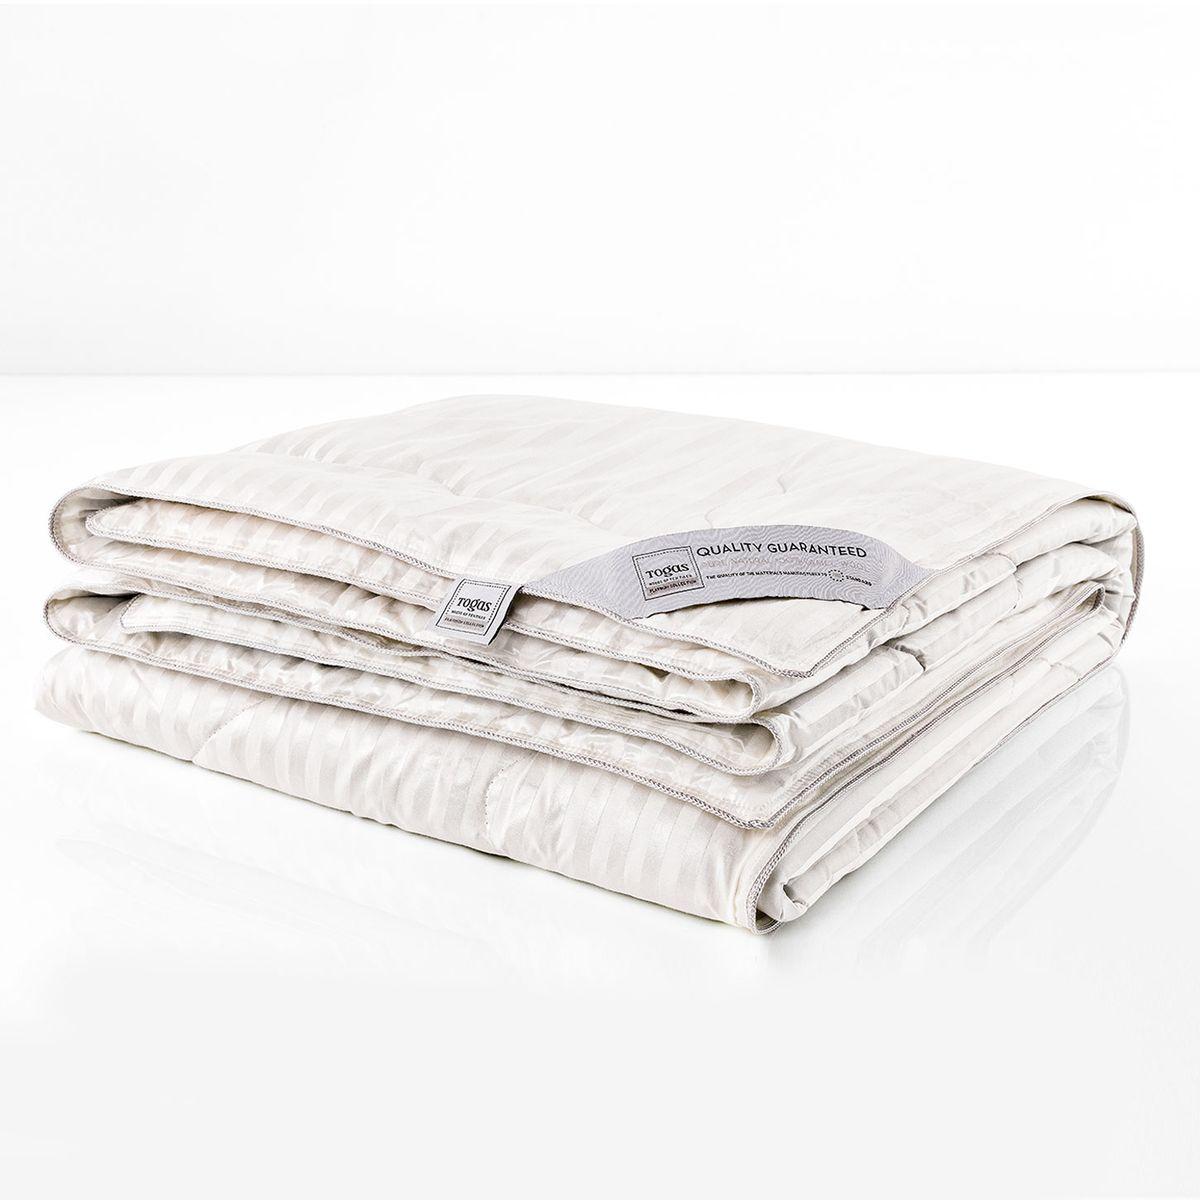 """Одеяло Роял верблюжья шерсть в шелке, 140 х 200 см. 20.04.17.005520.04.17.0055Сон под таким одеялом наполнен небесными ощущениями…Верблюжья шерсть удивительно легкая, что делает одеяла с таким наполнителем практически невесомыми, воздушными. Словно облако нежного тепла подхватывает Вас, расслябляя мыщцы, окутывая заботой, окружая непревзойденным комфортом… Верблюжья шерсть прочнее и легче других видов шерсти, имеет полую структуру, благодаря чему превосходно удерживает тепло и одновременно """"дышит"""". Свойства шелка, из которого сделан чехол одеяла, удивительны. Чистый шелк обладает антибактериальными и гипоаллергенными свойствами. Наполнитель из верблюжьей шерсти в сочетании с шелковым чехлом - это изысканный комфорт, окружающий Вас каждую ночь… И сопровождающий Вас на протяжении всего дня."""